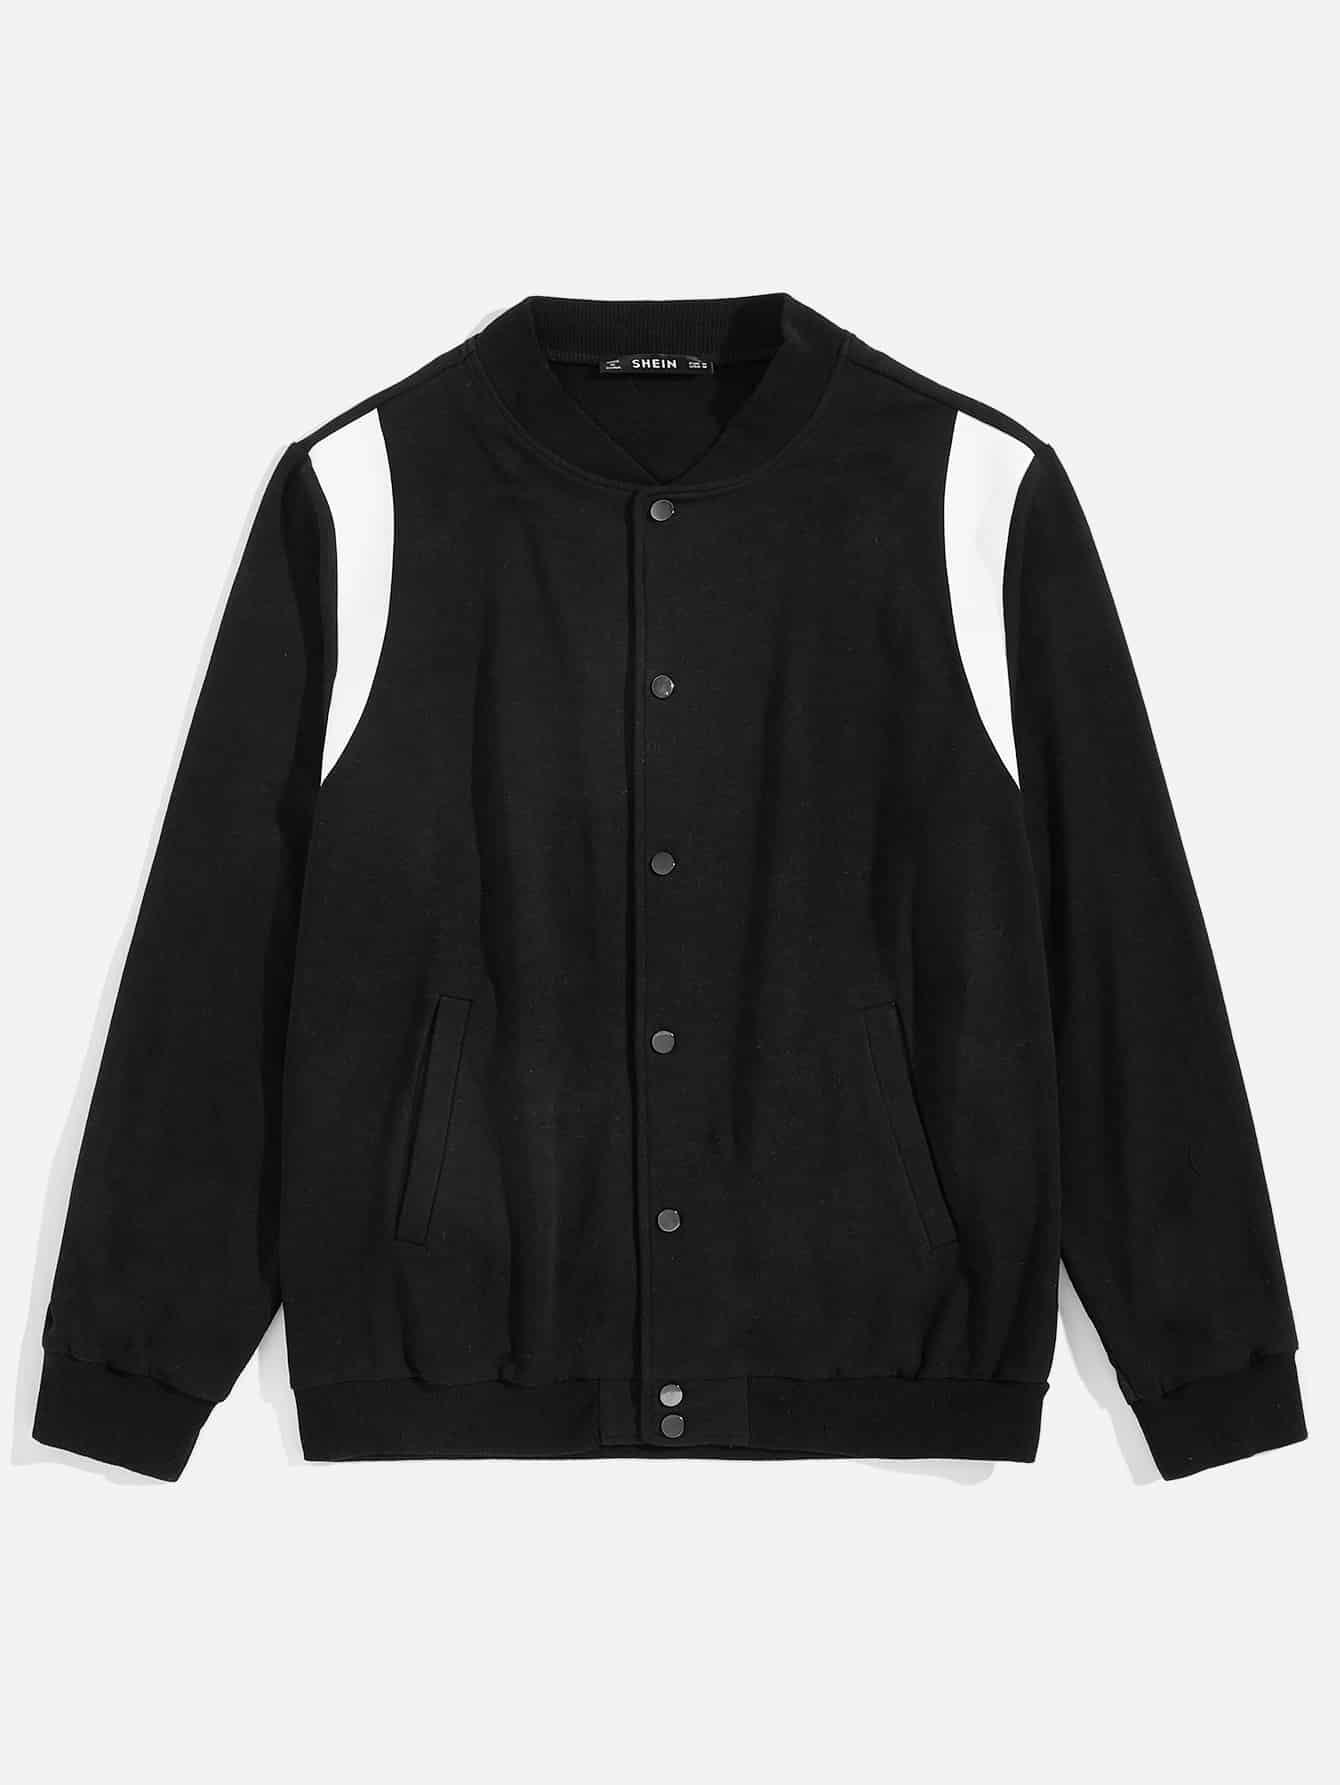 Фото - Мужская контрастная куртка с пуговицами от SheIn черного цвета